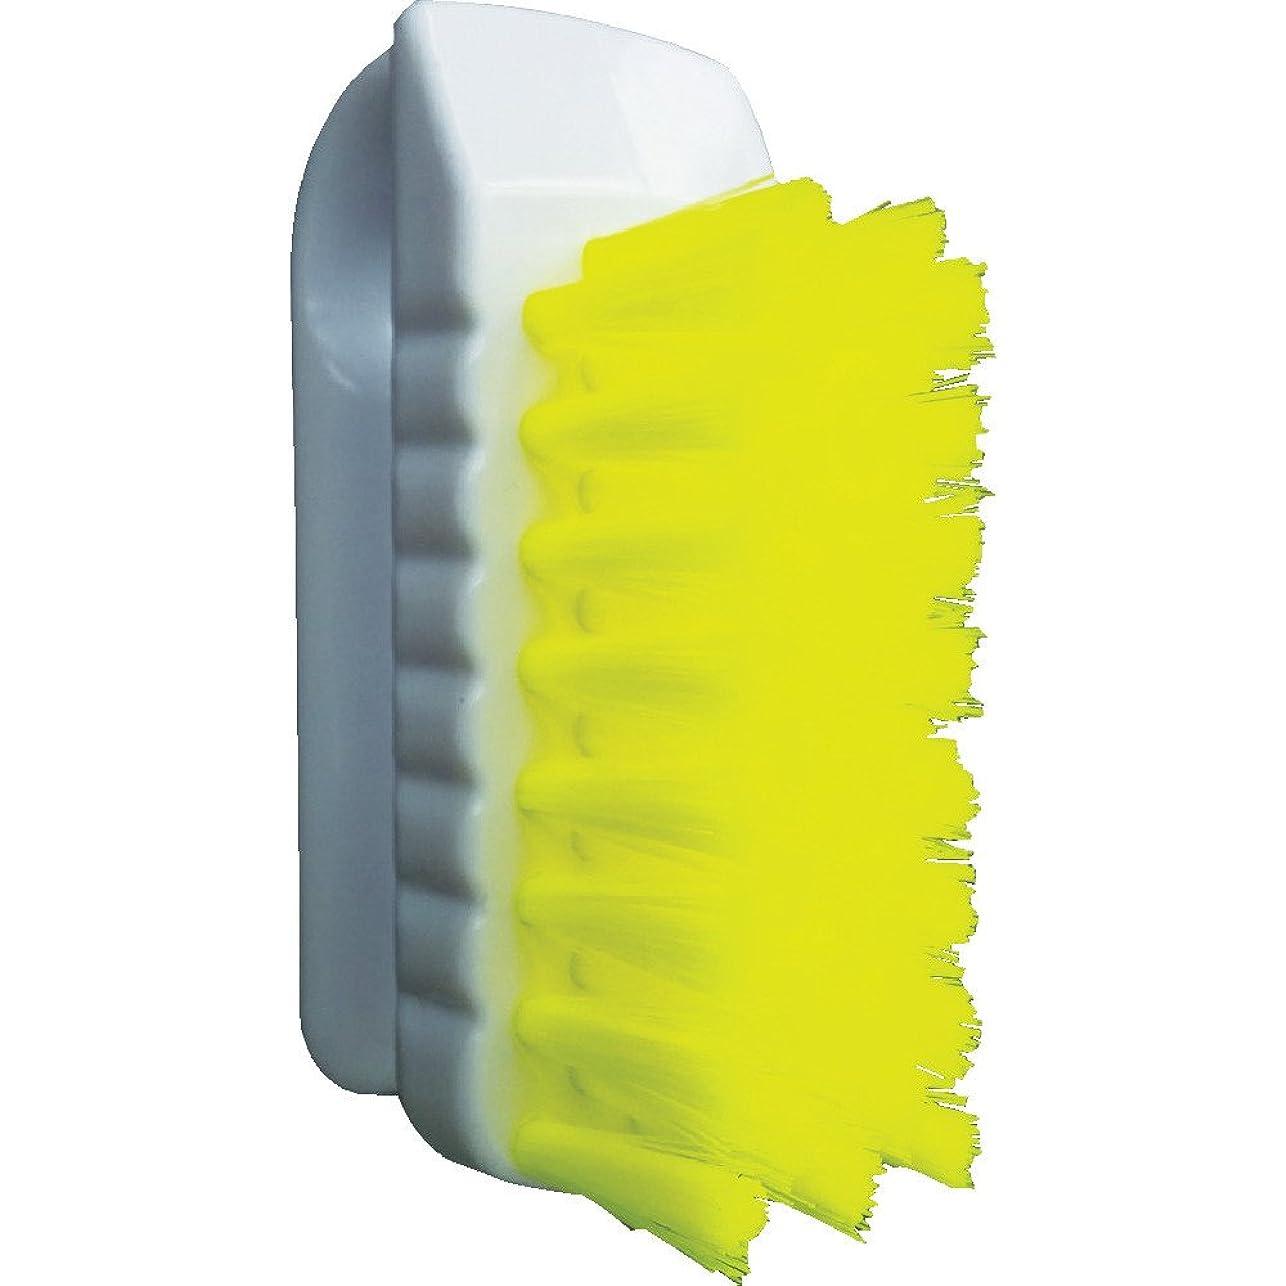 テスピアンモンキー乳白色バーテック バーキュート 私の爪ブラシ 黄 BCN-Y 61700301 つめ除菌ブラシ